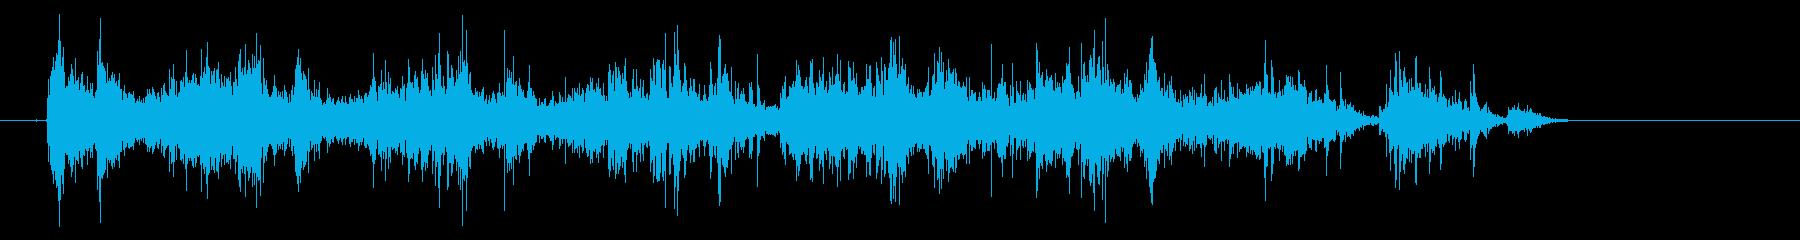 タンバリンの音(しゃんしゃんしゃん)の再生済みの波形